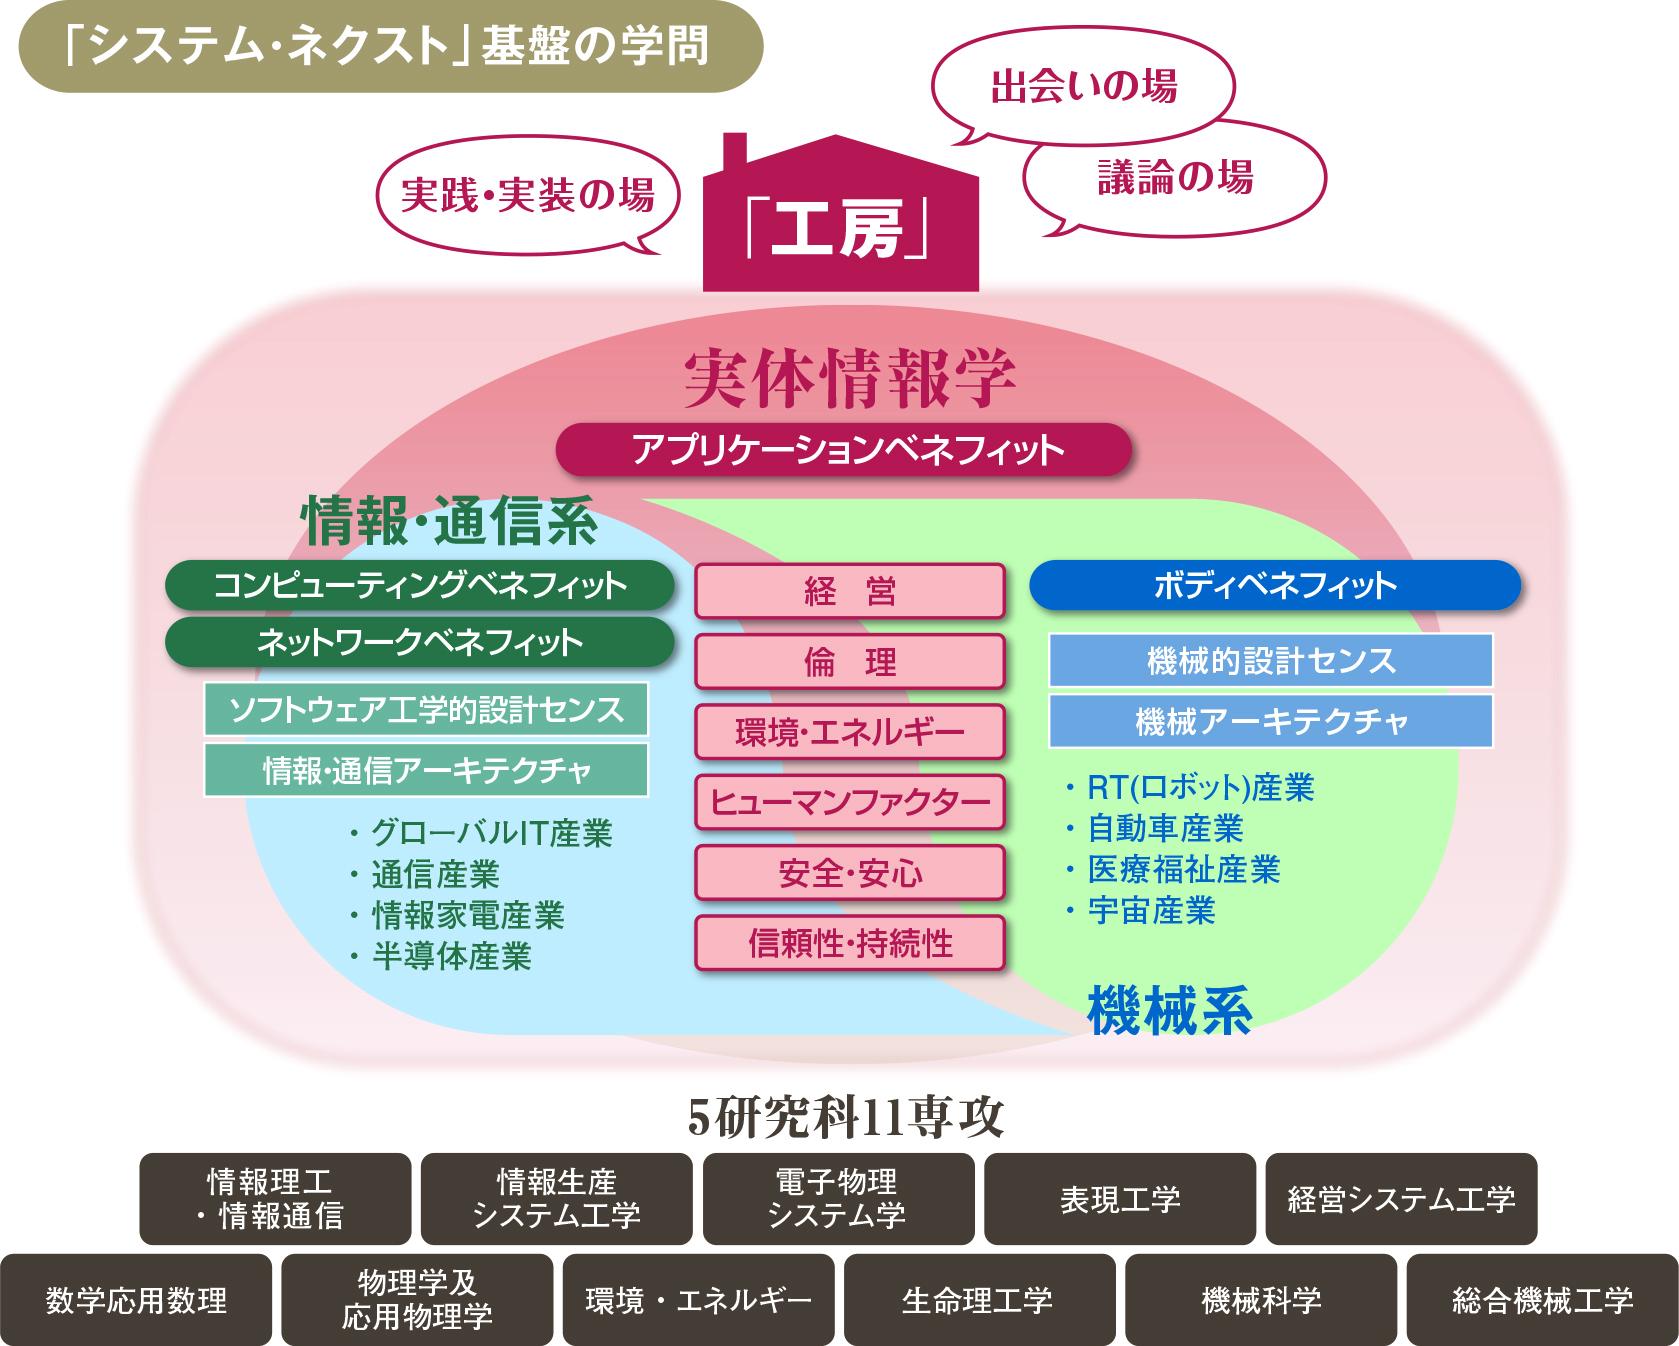 工房イメージ図